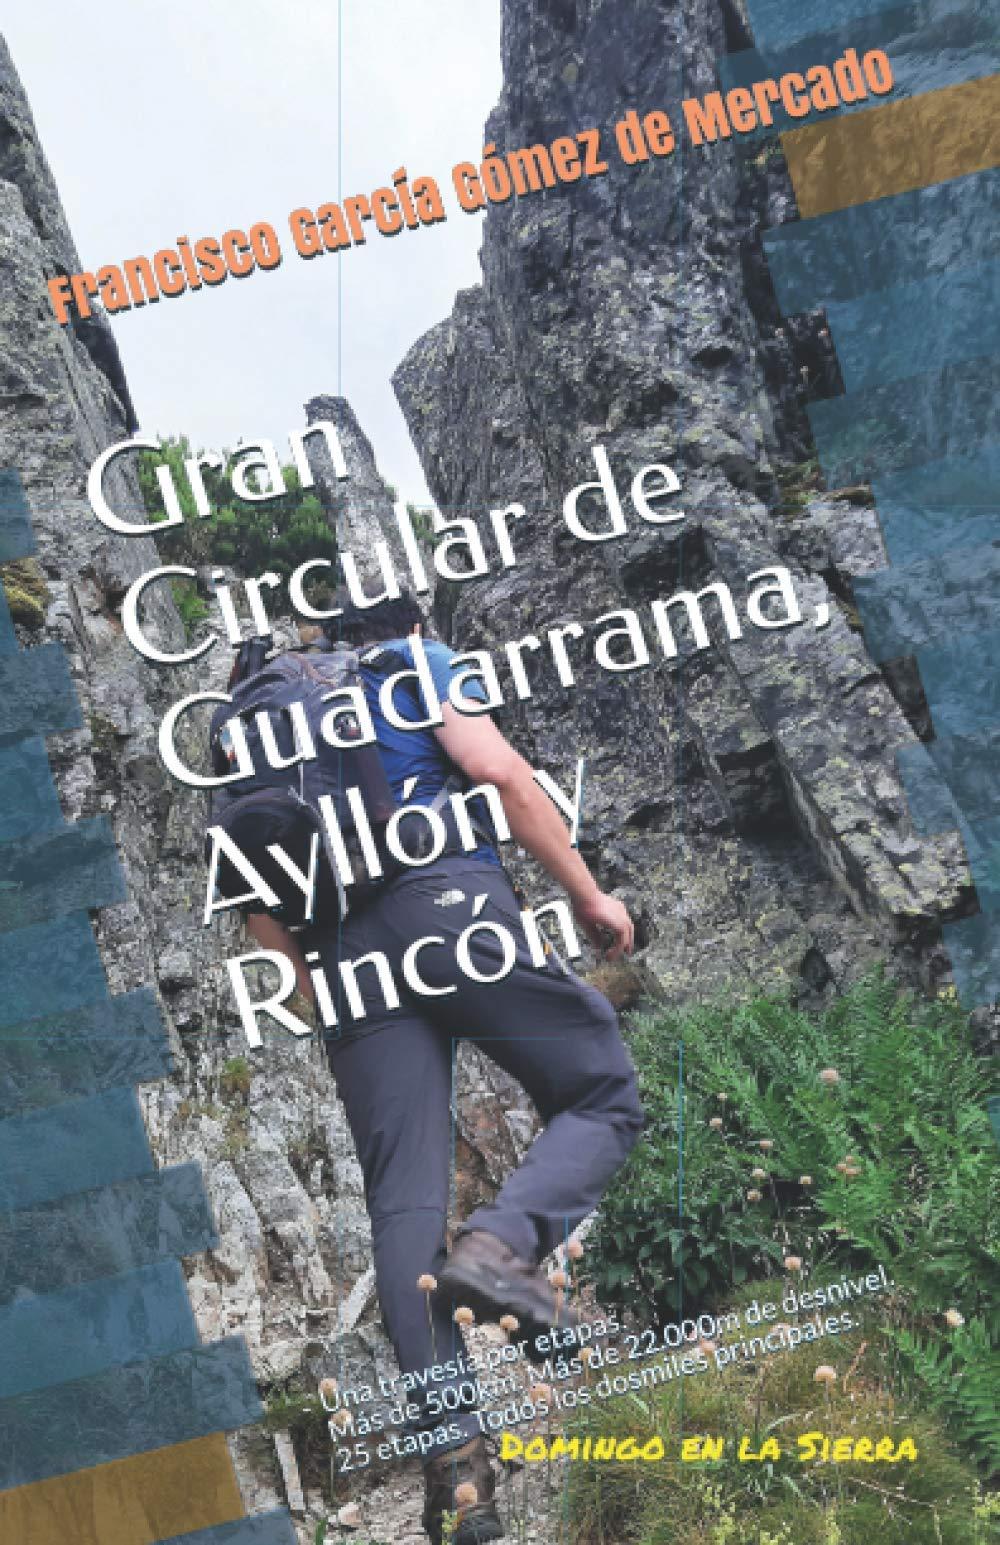 Gran Circular de Guadarrama, Ayllón y Rincón: Una travesía ...